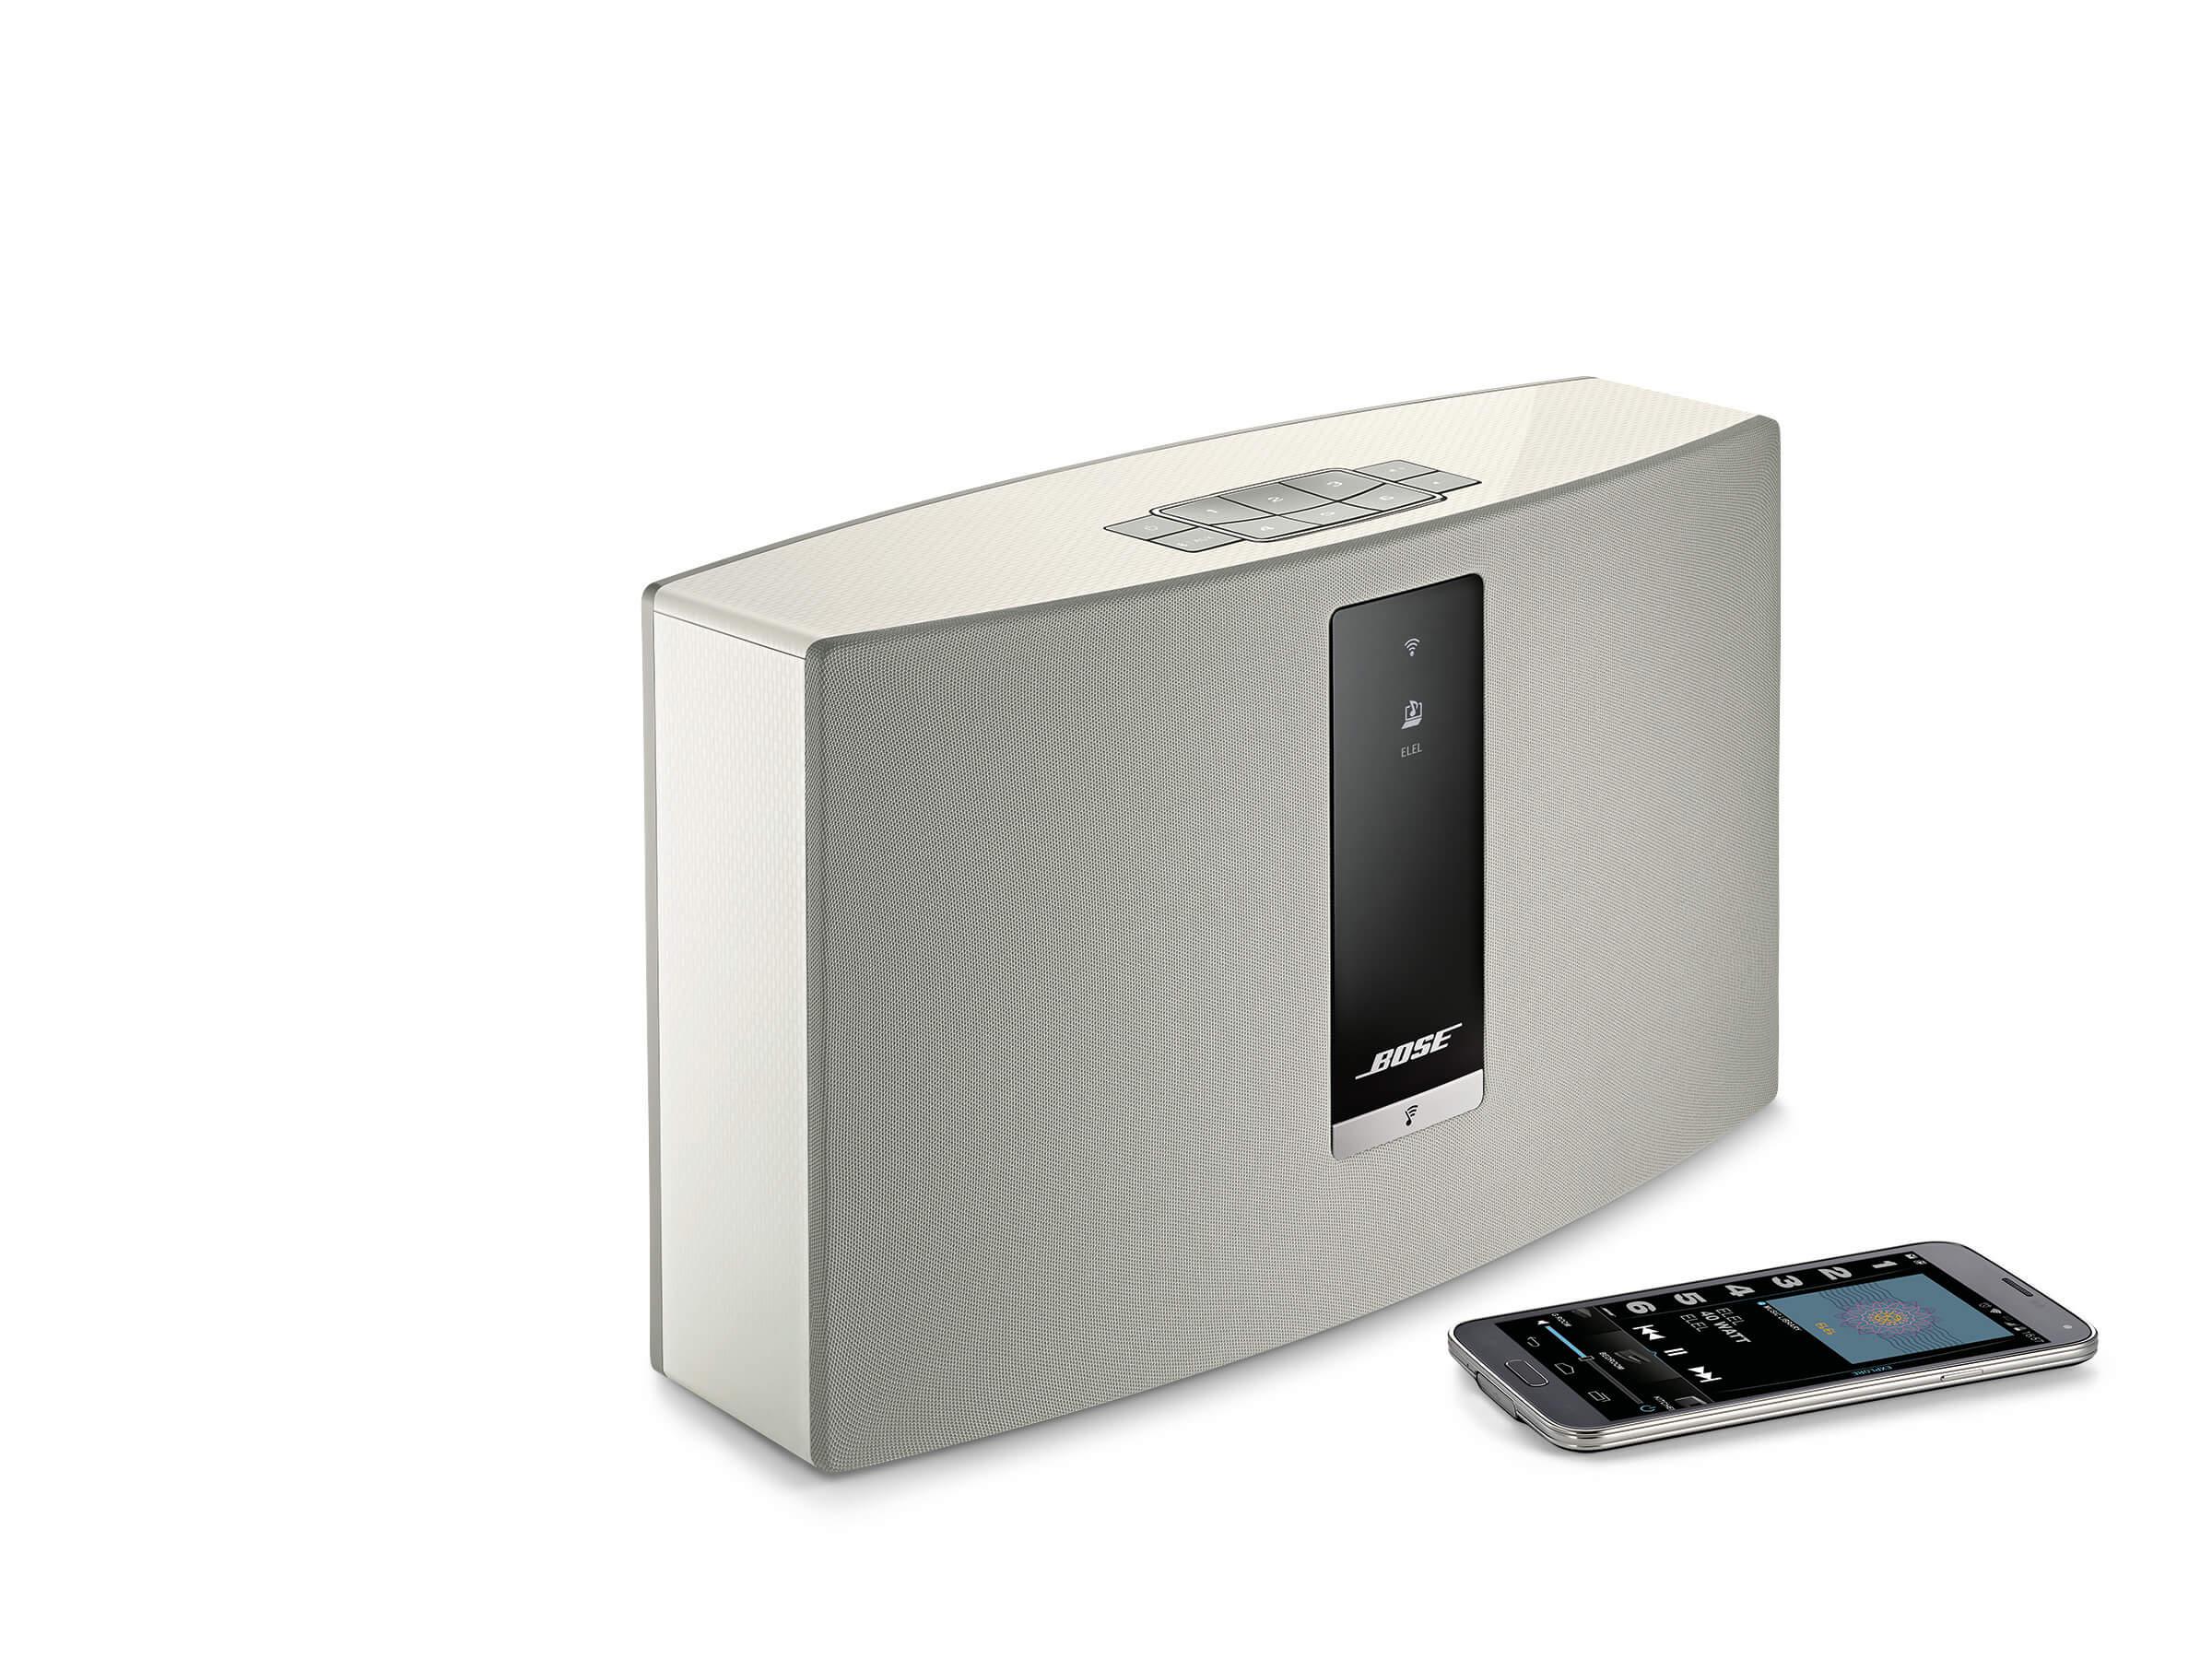 bose wireless speaker